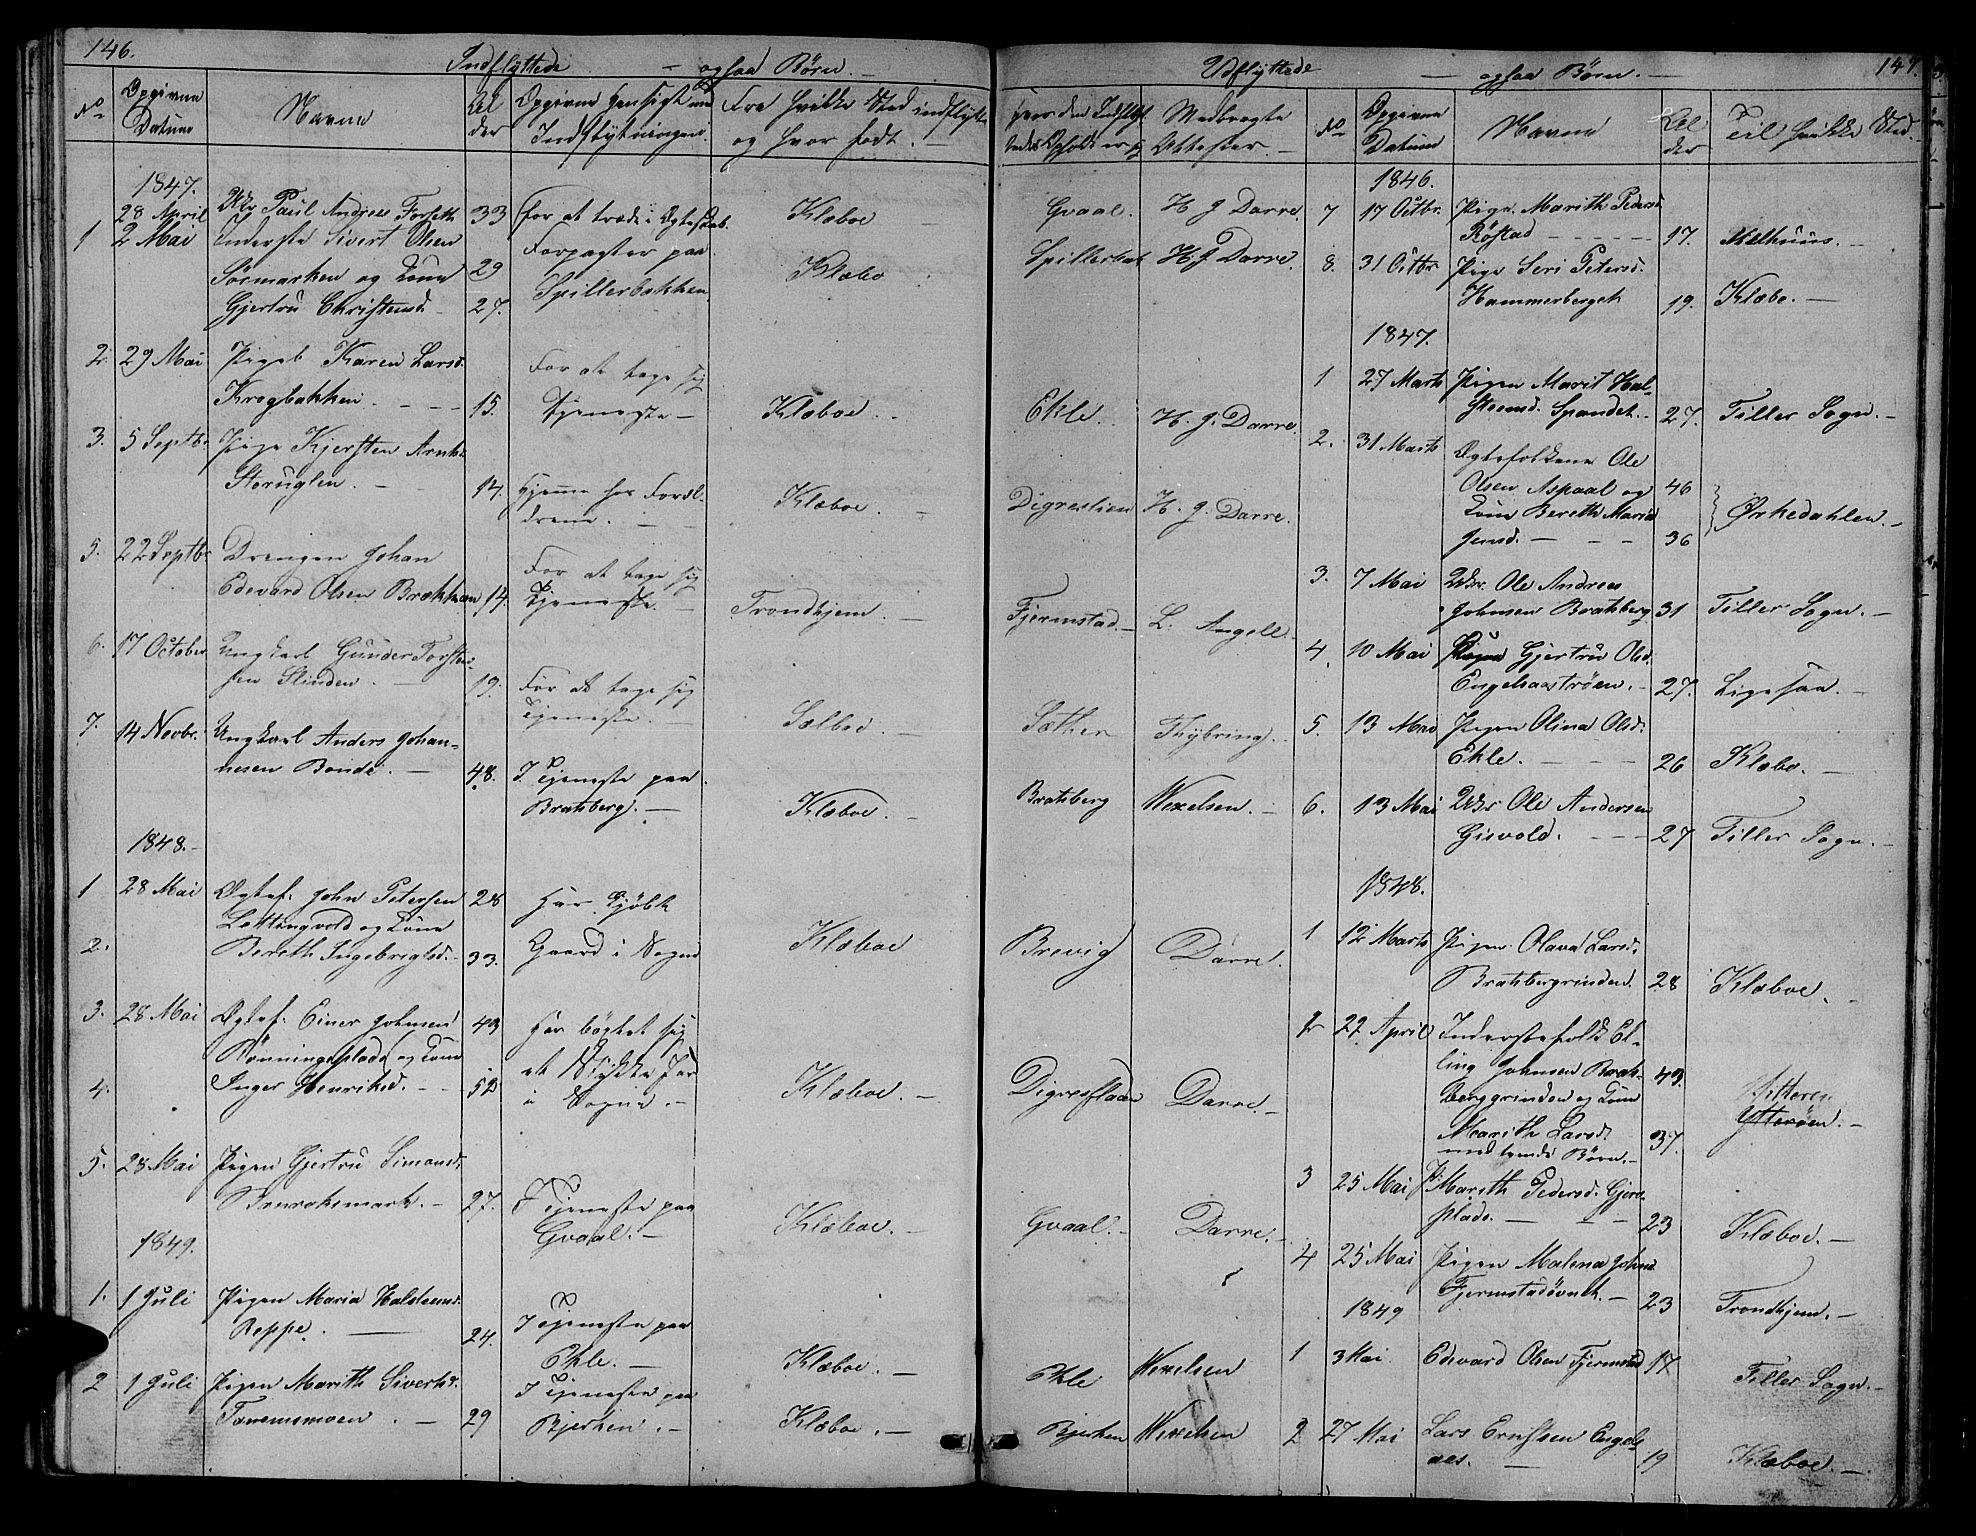 SAT, Ministerialprotokoller, klokkerbøker og fødselsregistre - Sør-Trøndelag, 608/L0339: Klokkerbok nr. 608C05, 1844-1863, s. 146-147